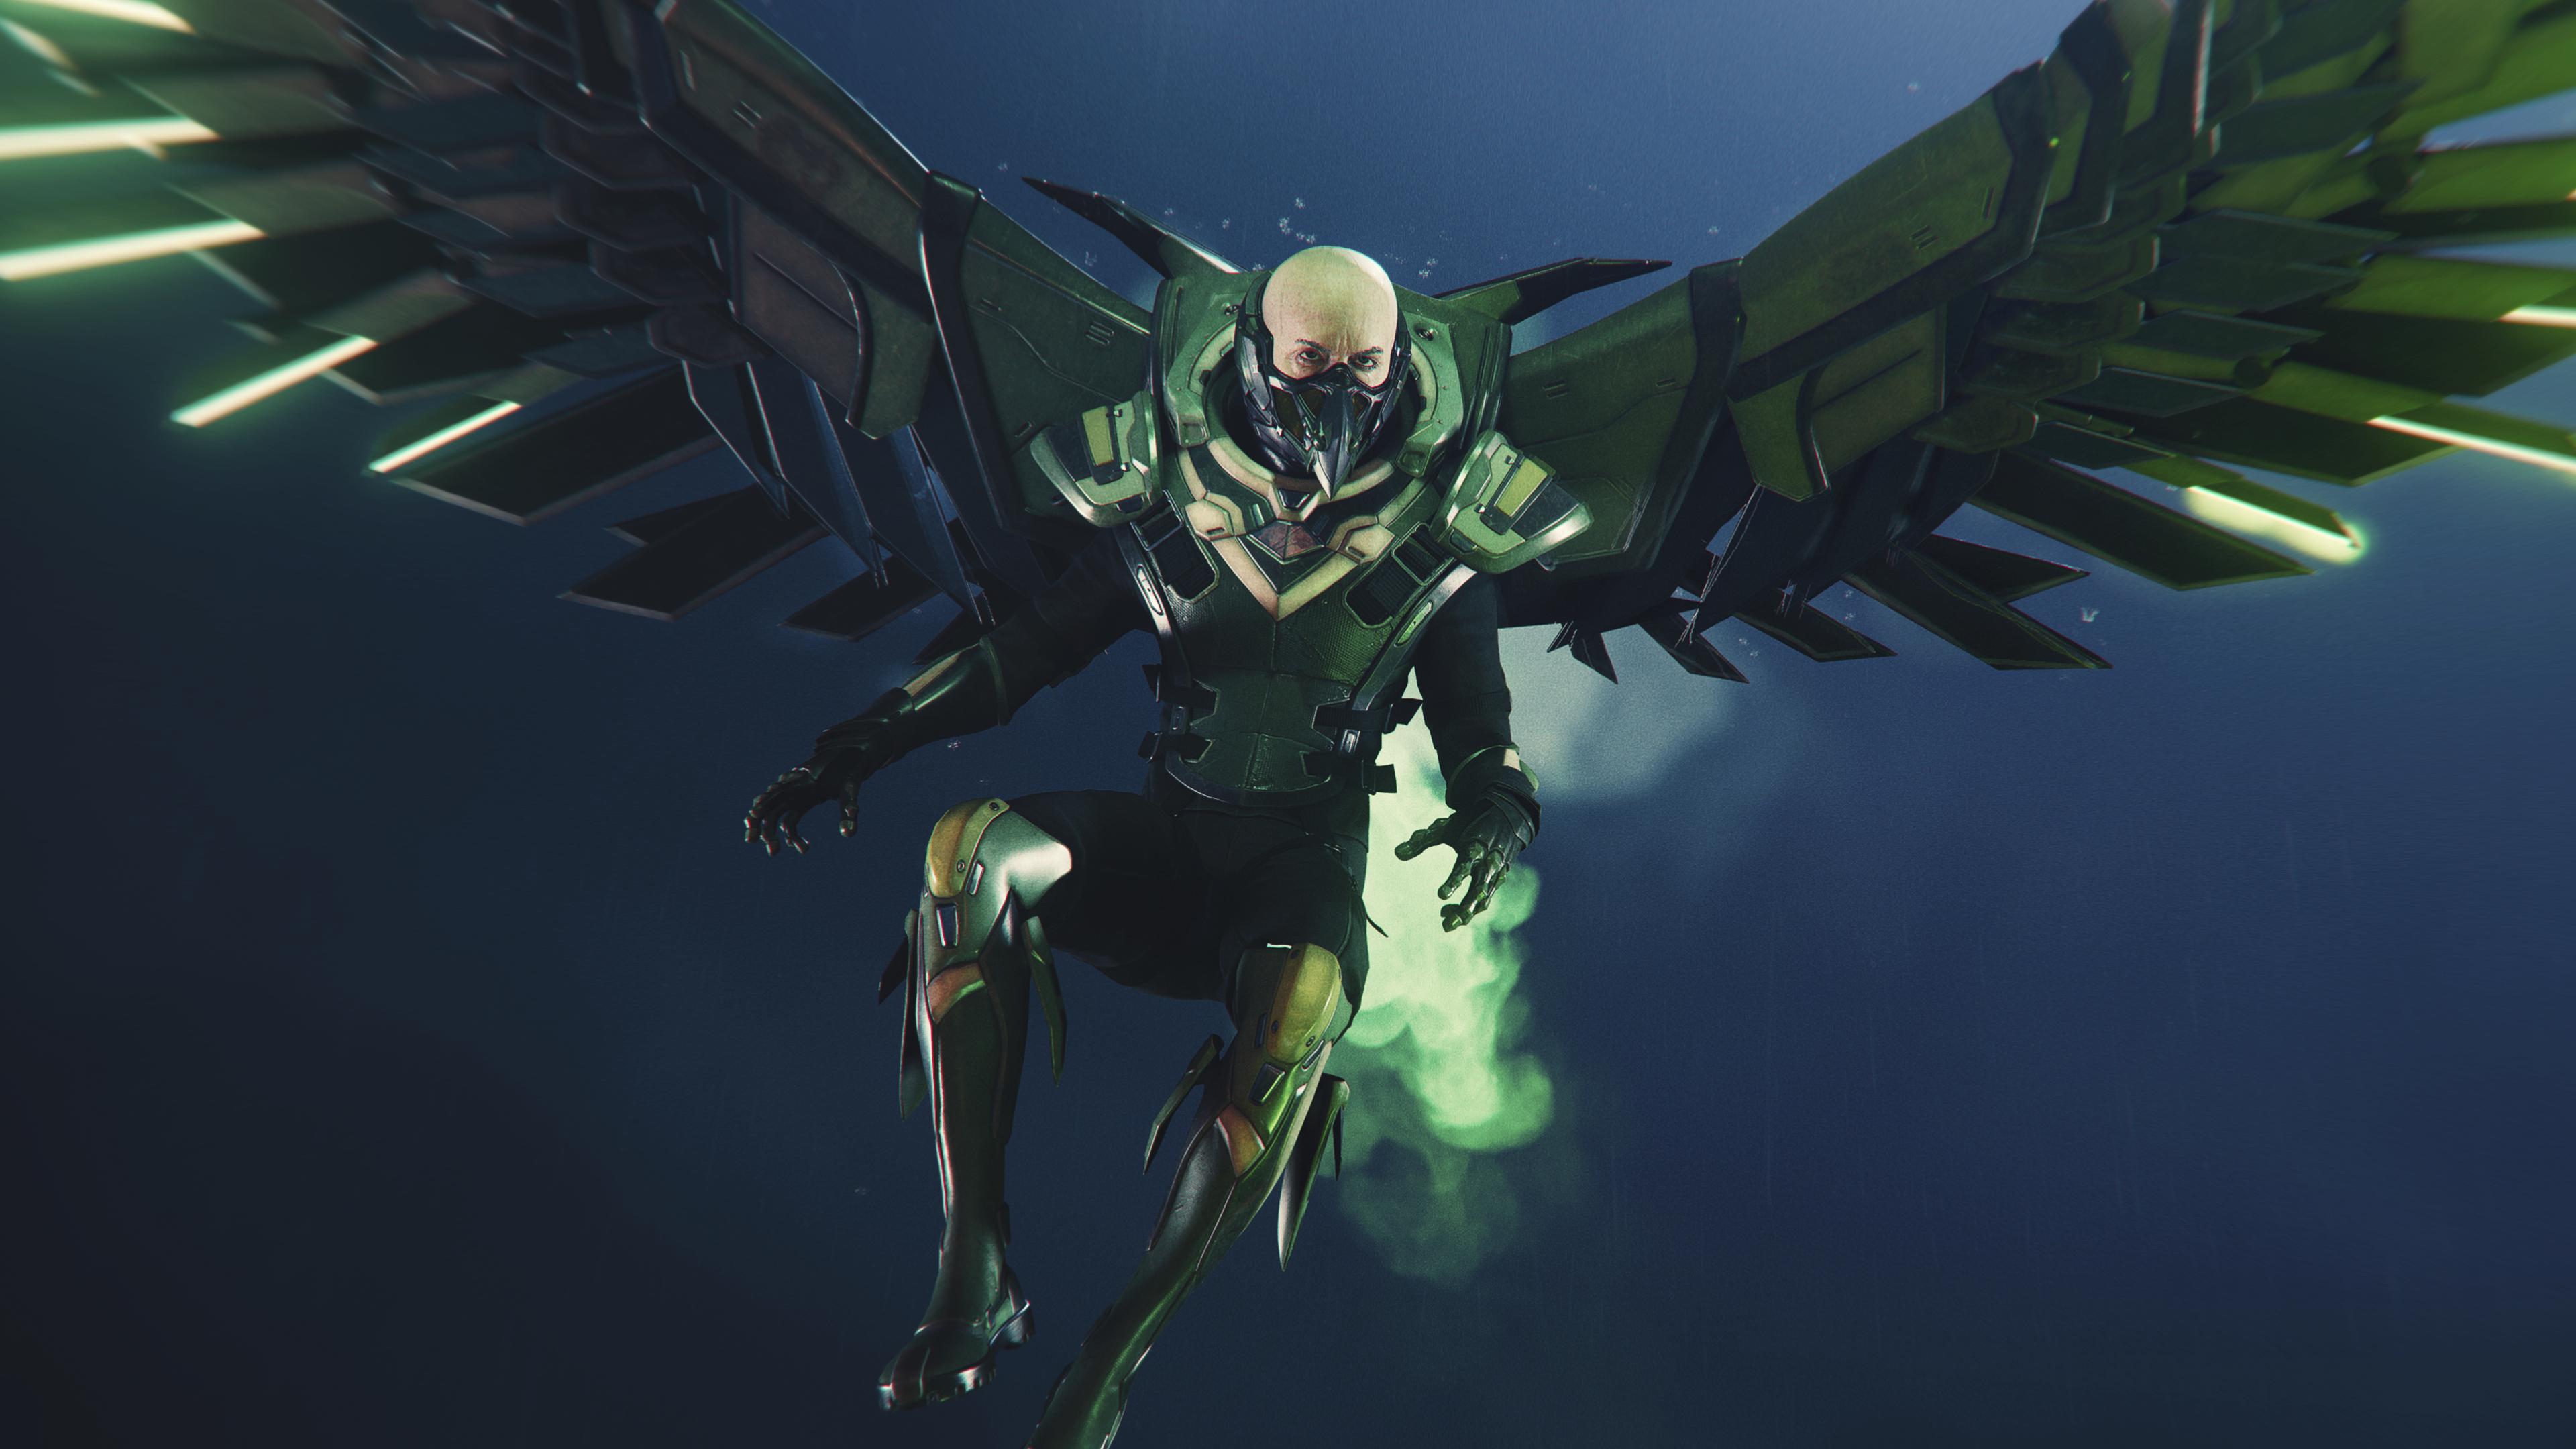 لعبة سبايدرمان من مارفل: مايلز مورالز - دايلي بوغل ينصب العنكبوت الشرك للطائر